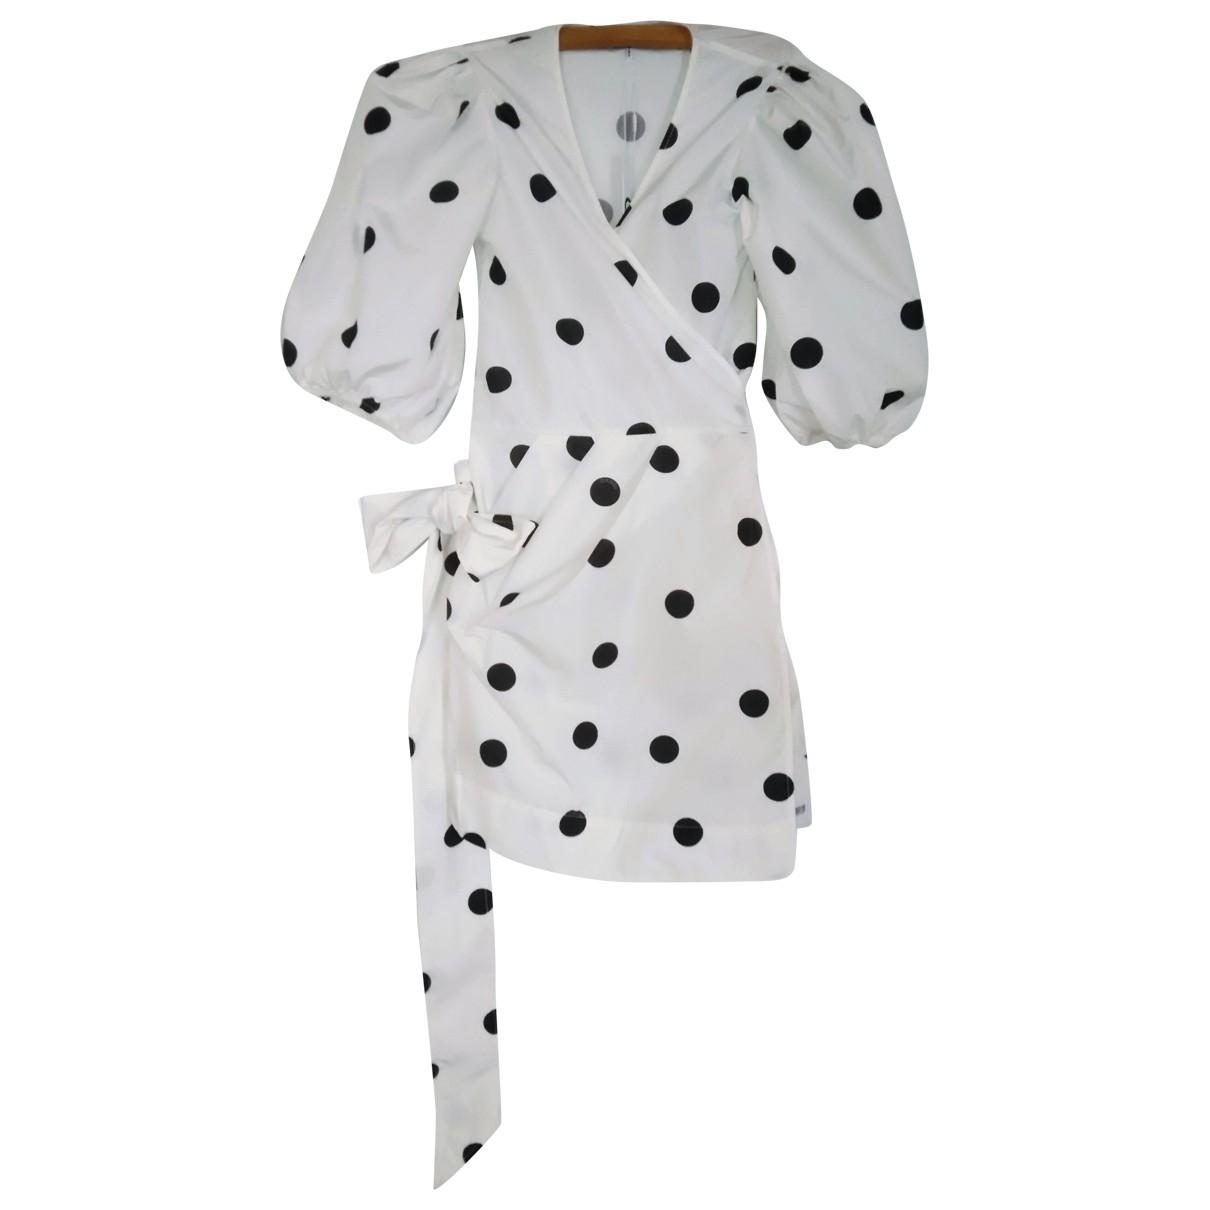 Ganni Spring Summer 2020 White dress for Women 34 FR